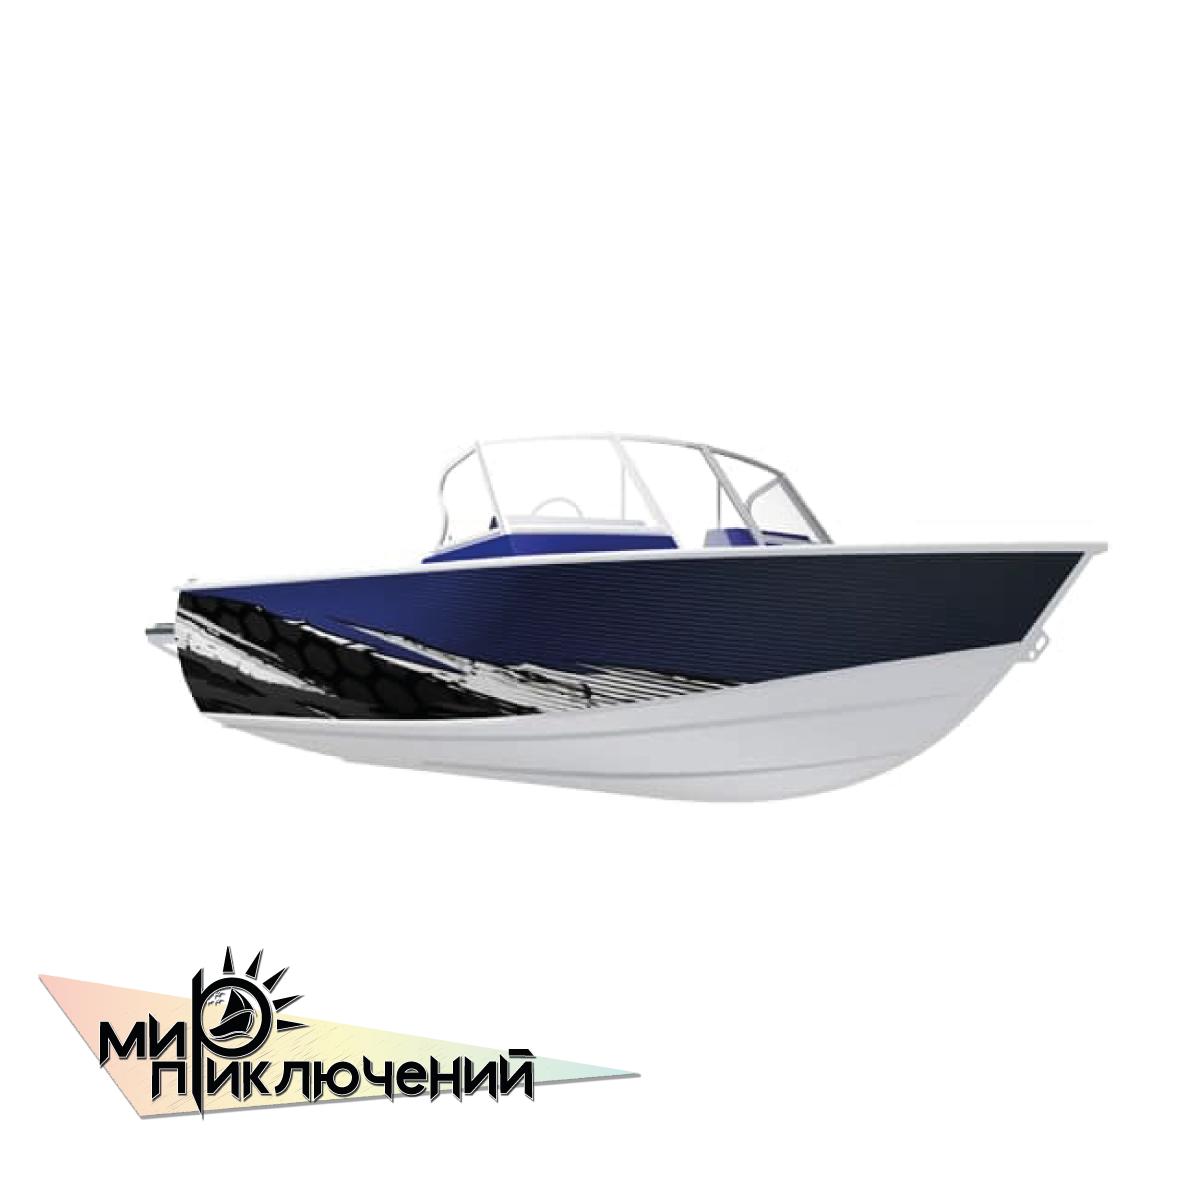 Моторная лодка Салют-480 Neo Pro